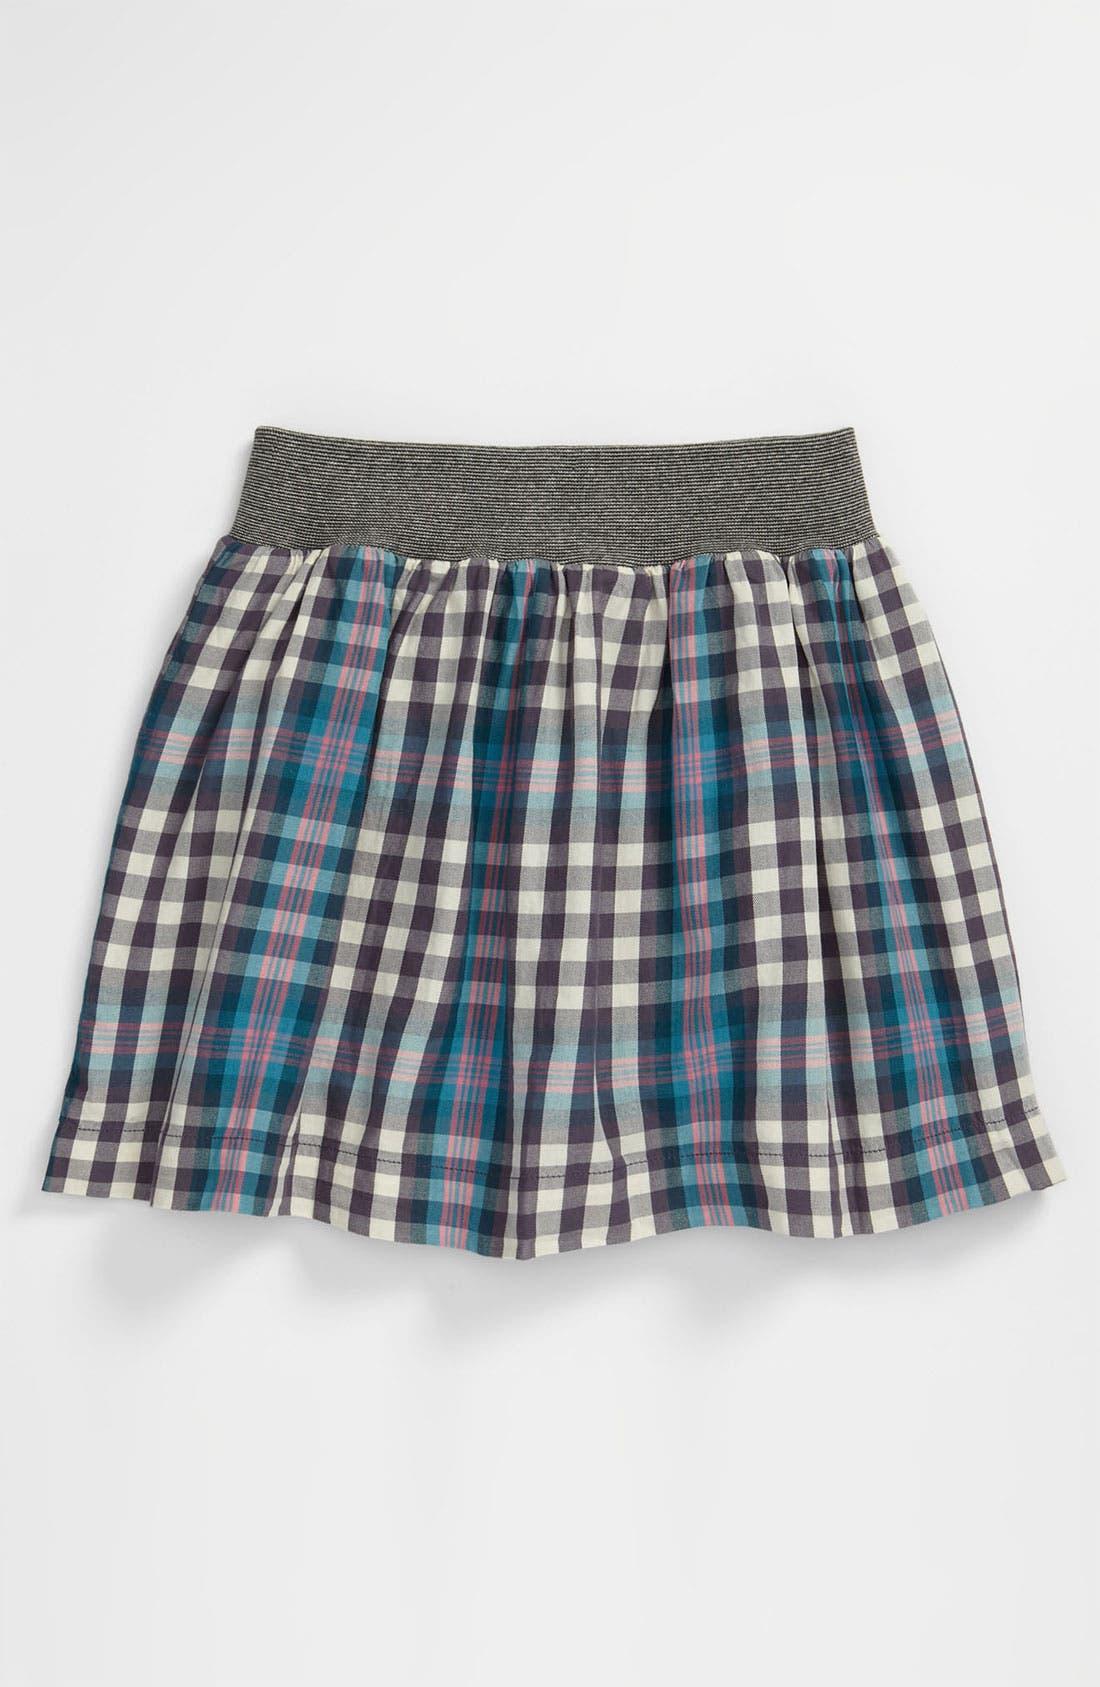 Alternate Image 1 Selected - Tucker + Tate 'Helen' Skirt (Little Girls)